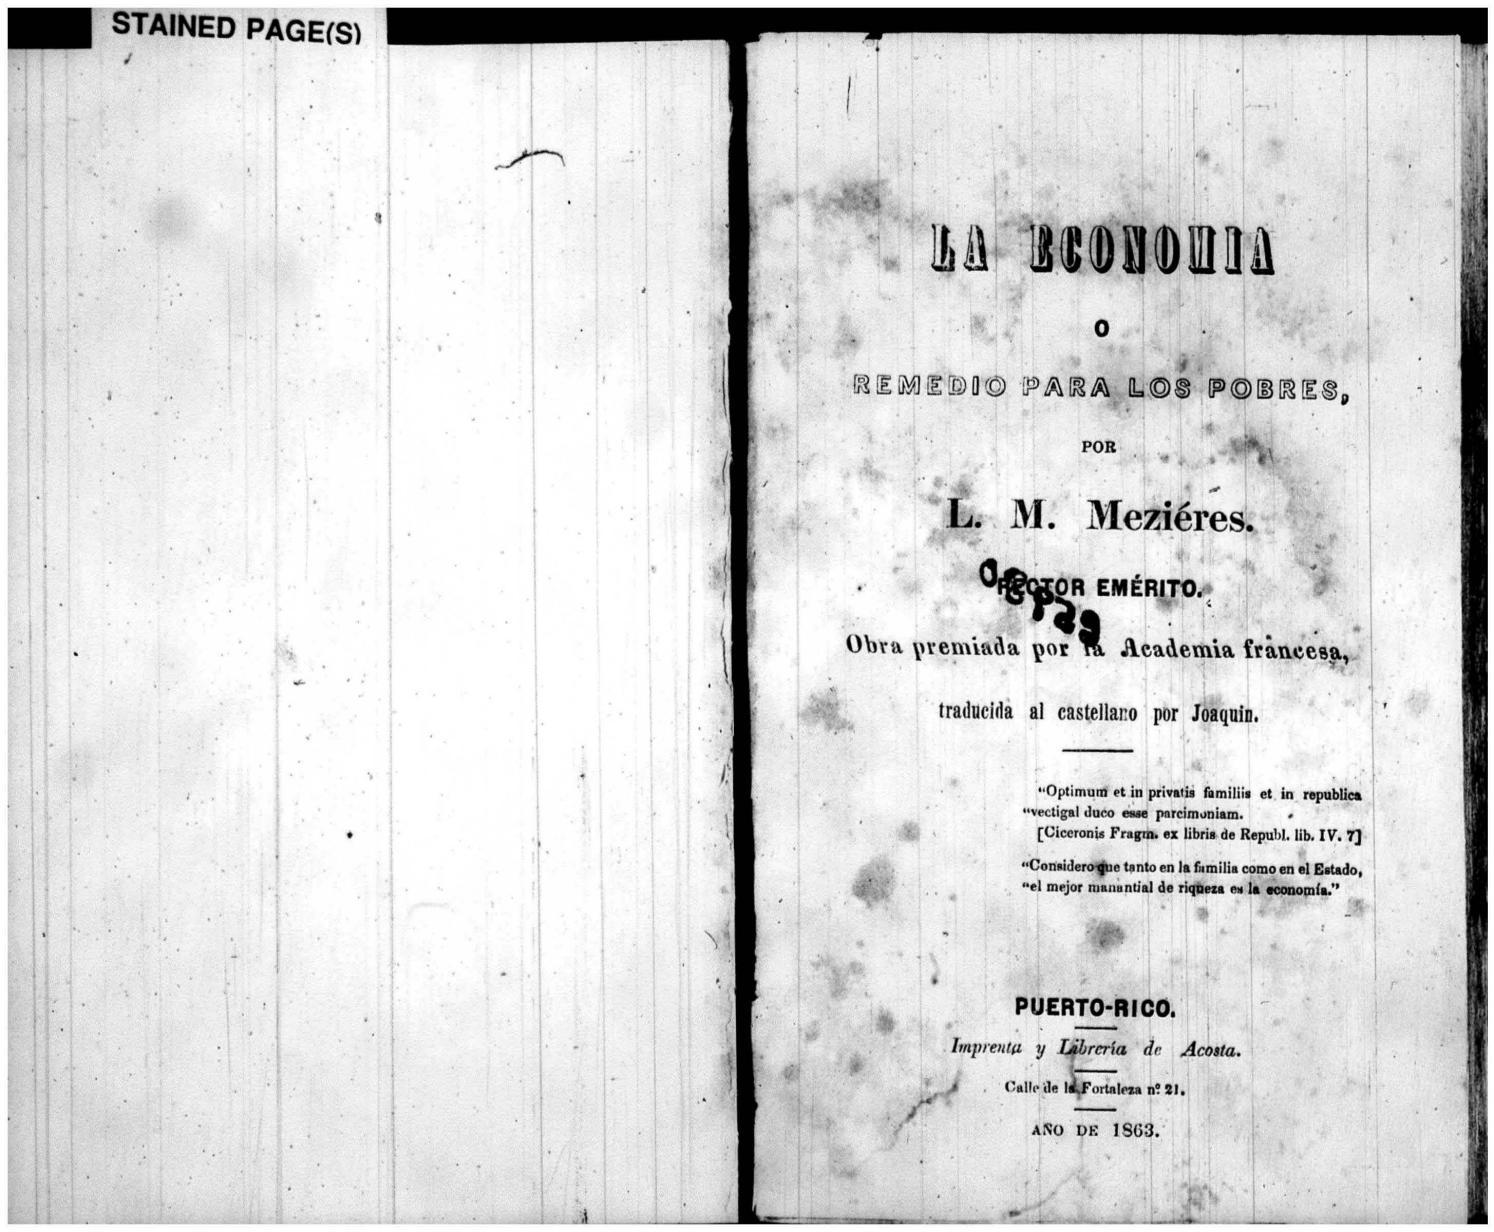 La economía o remedio para los pobres (1863) by Colección Puertorriqueña  UPR RP - issuu